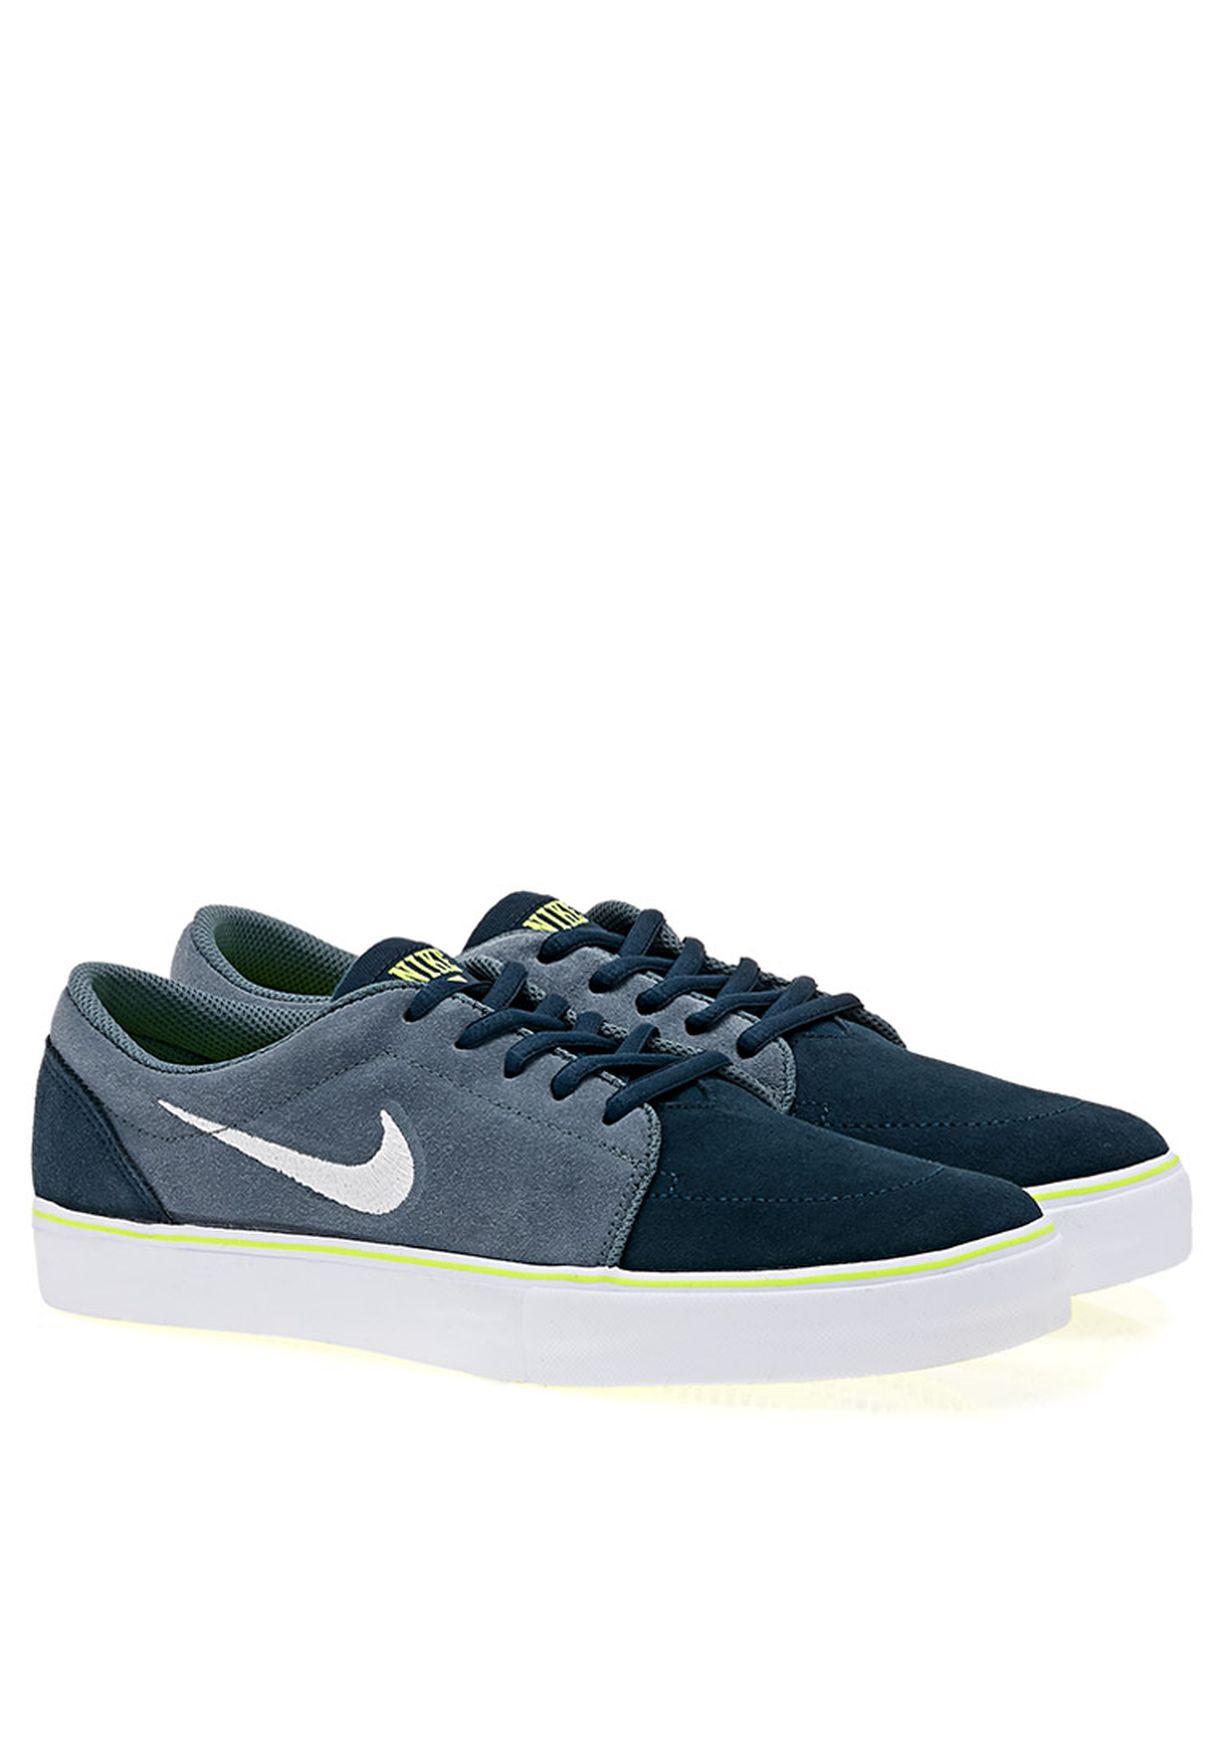 Minúsculo Mediana Agresivo  Buy Nike blue NIKE SATIRE Low Top Sneaker for Men in MENA, Worldwide    536404-443